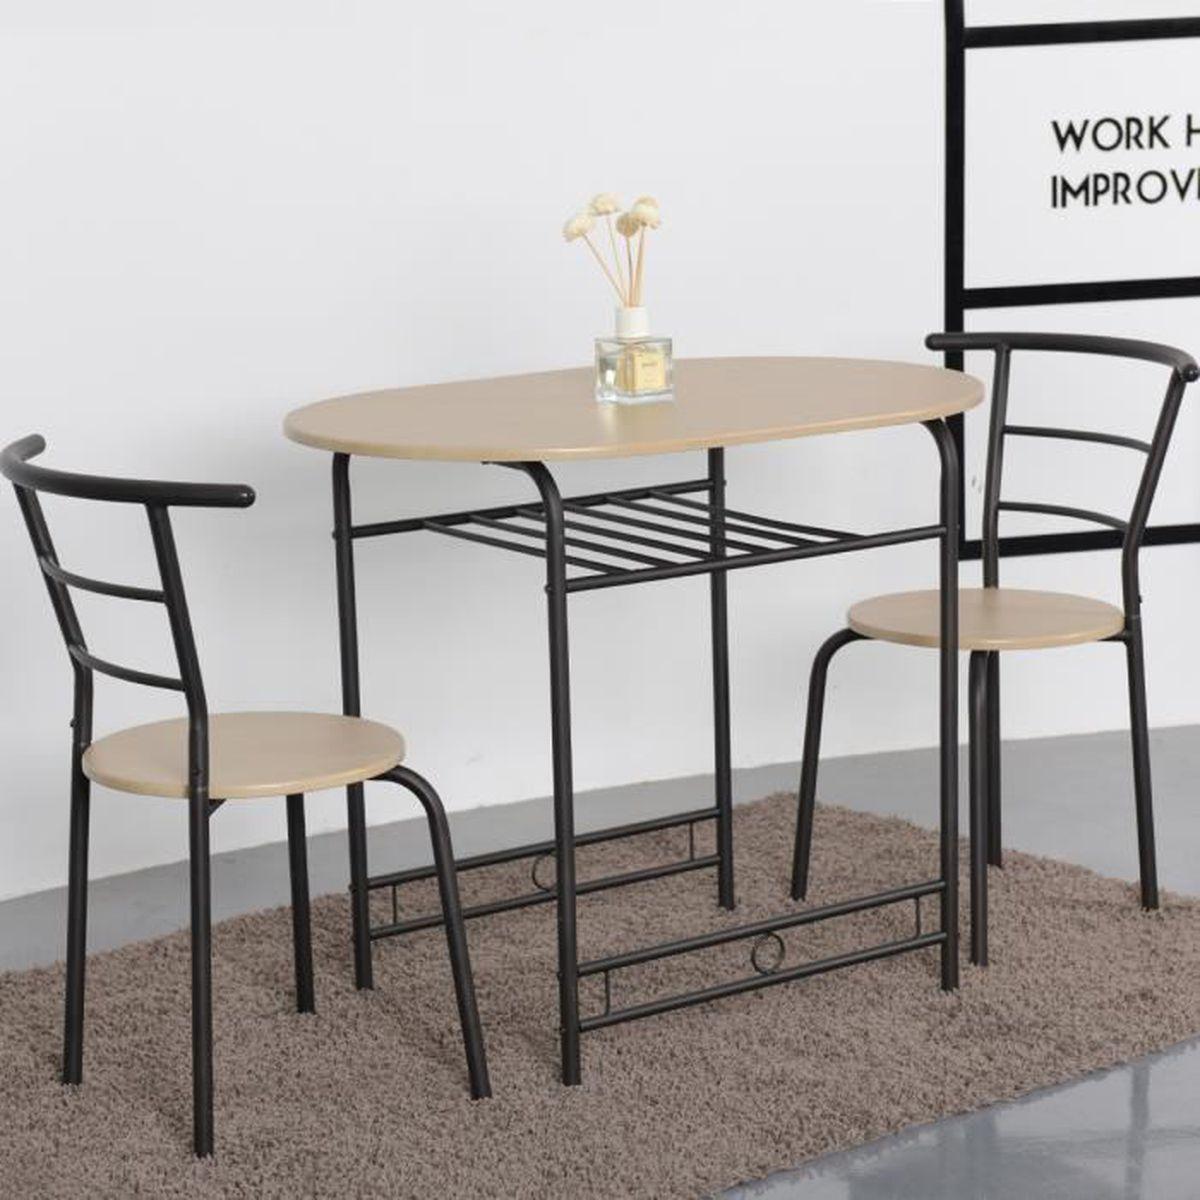 Table Et Chaises Salle à Manger Set De Table Et 2 Chaises Ensemble Table Et Chaises Cuisine En Mdf Acier Table De 91 X 61 X 765cm